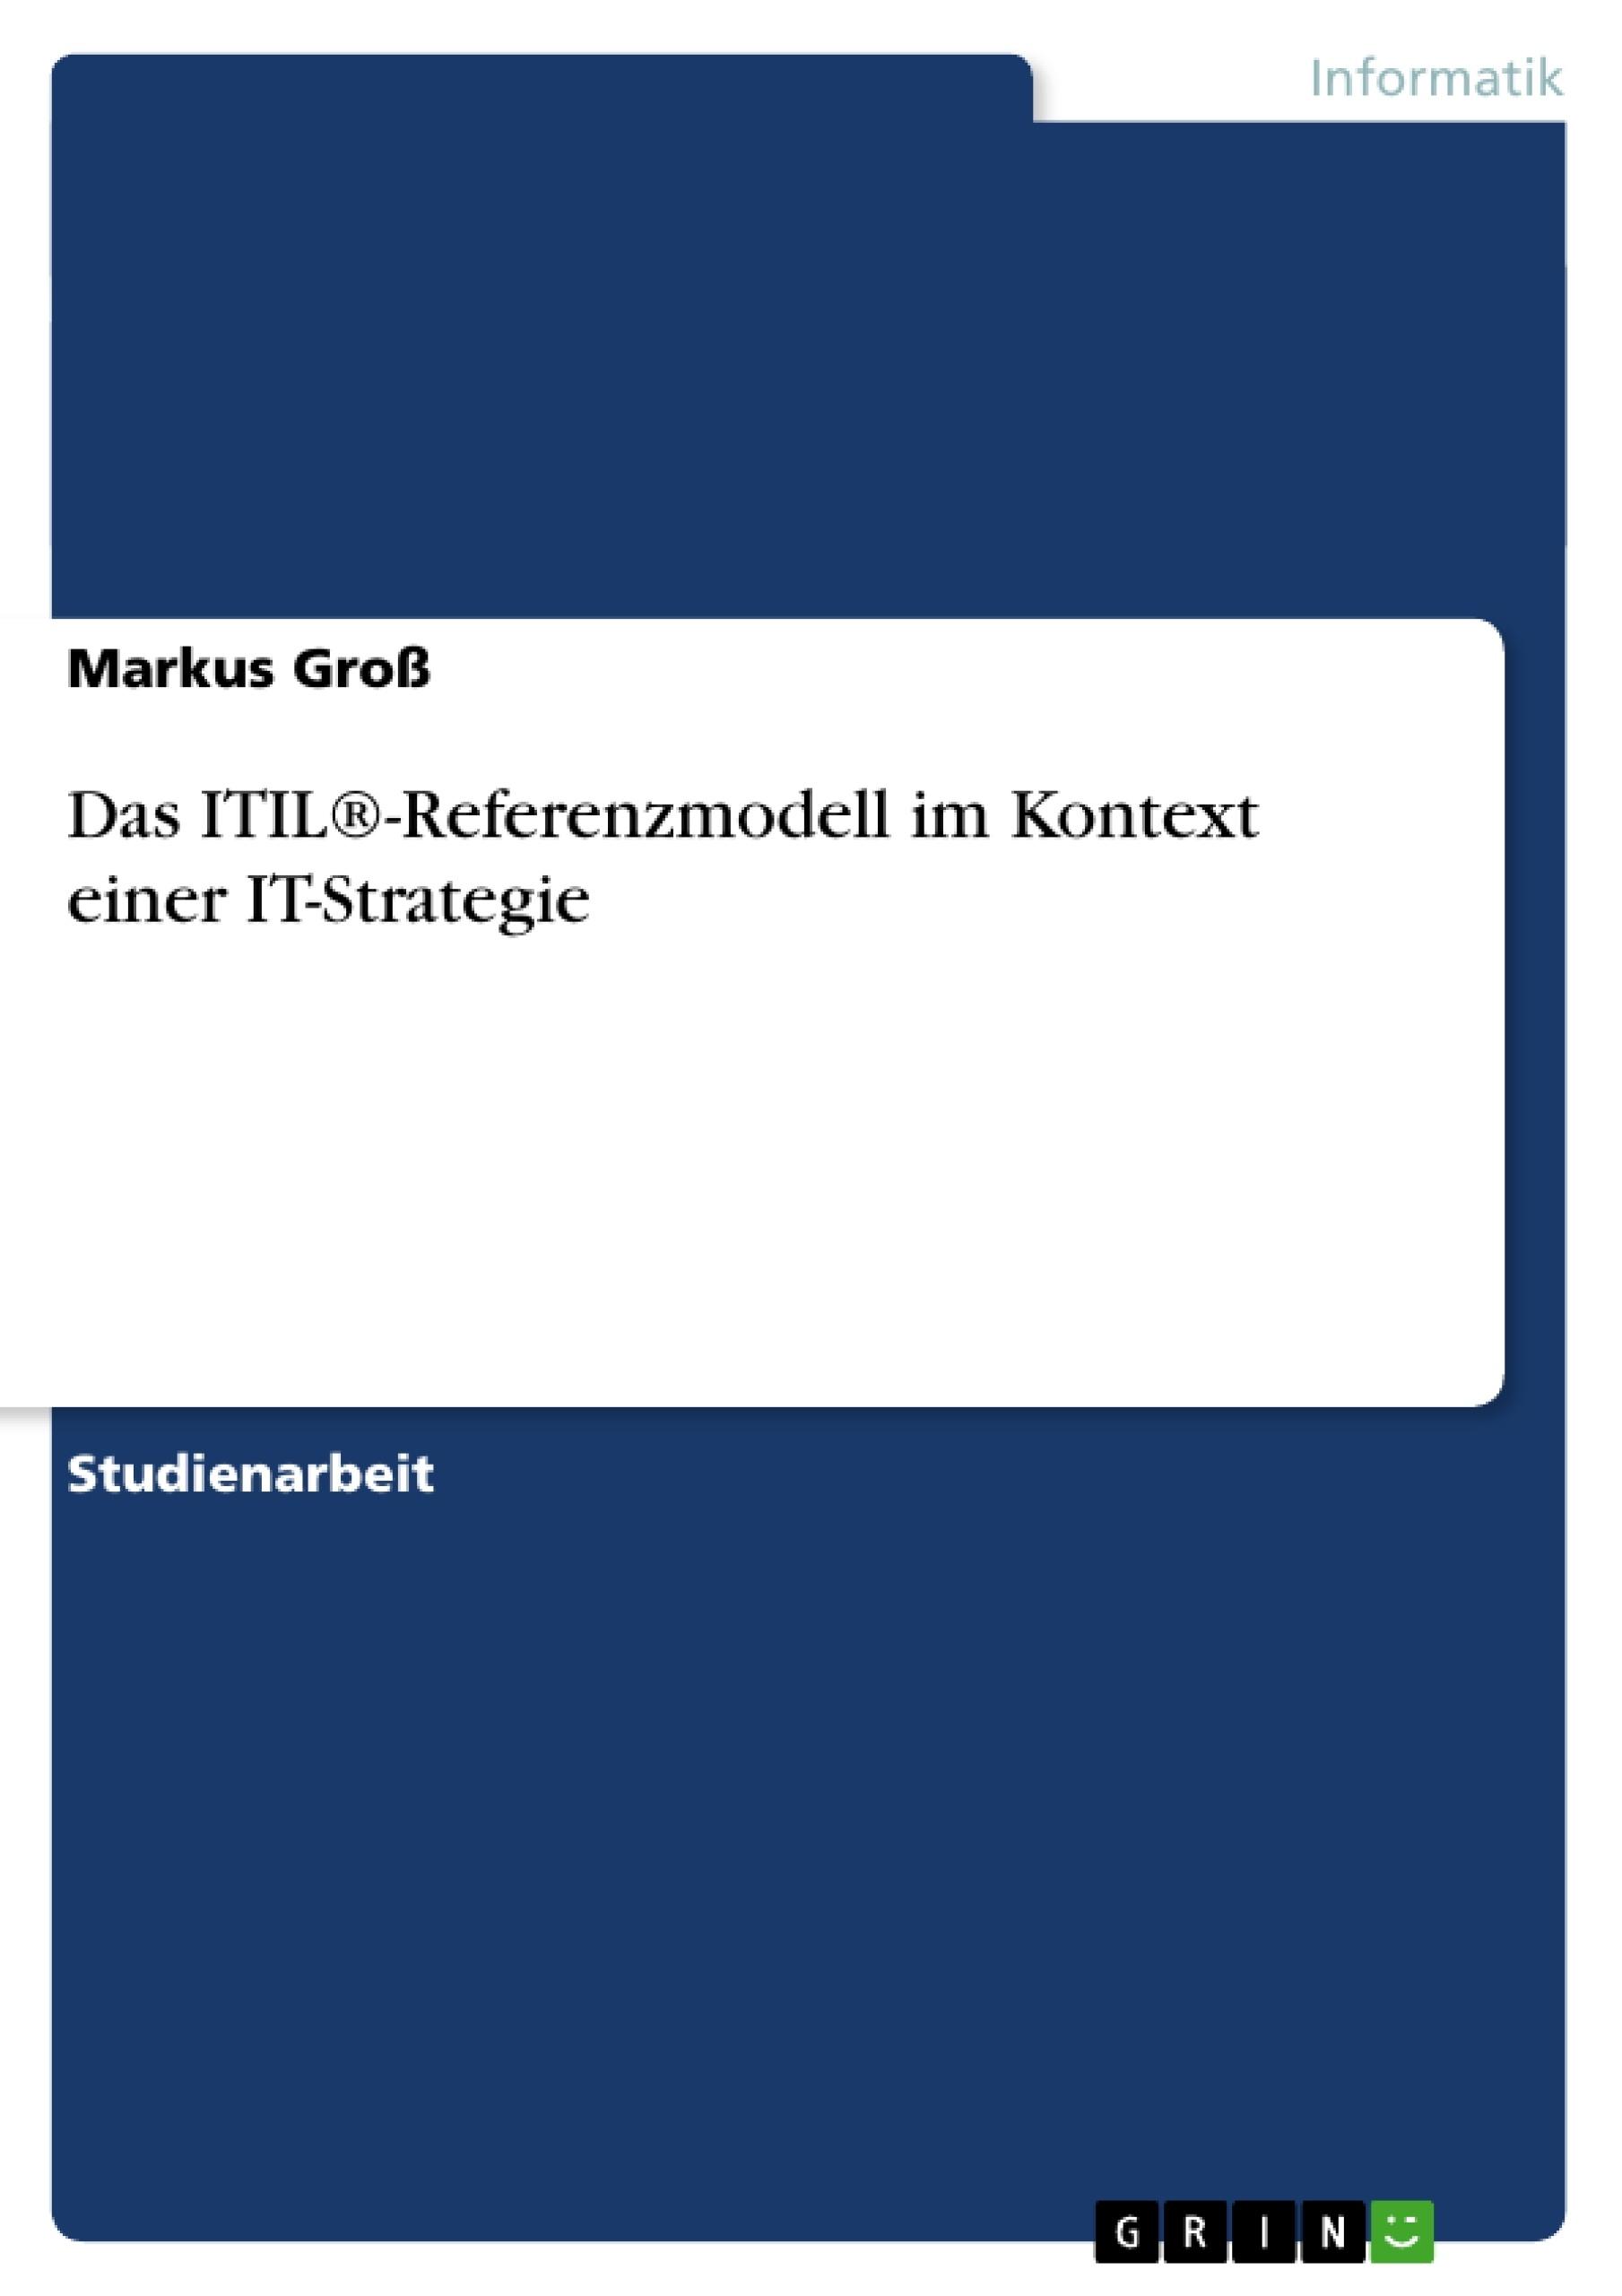 Titel: Das ITIL®-Referenzmodell im Kontext einer IT-Strategie